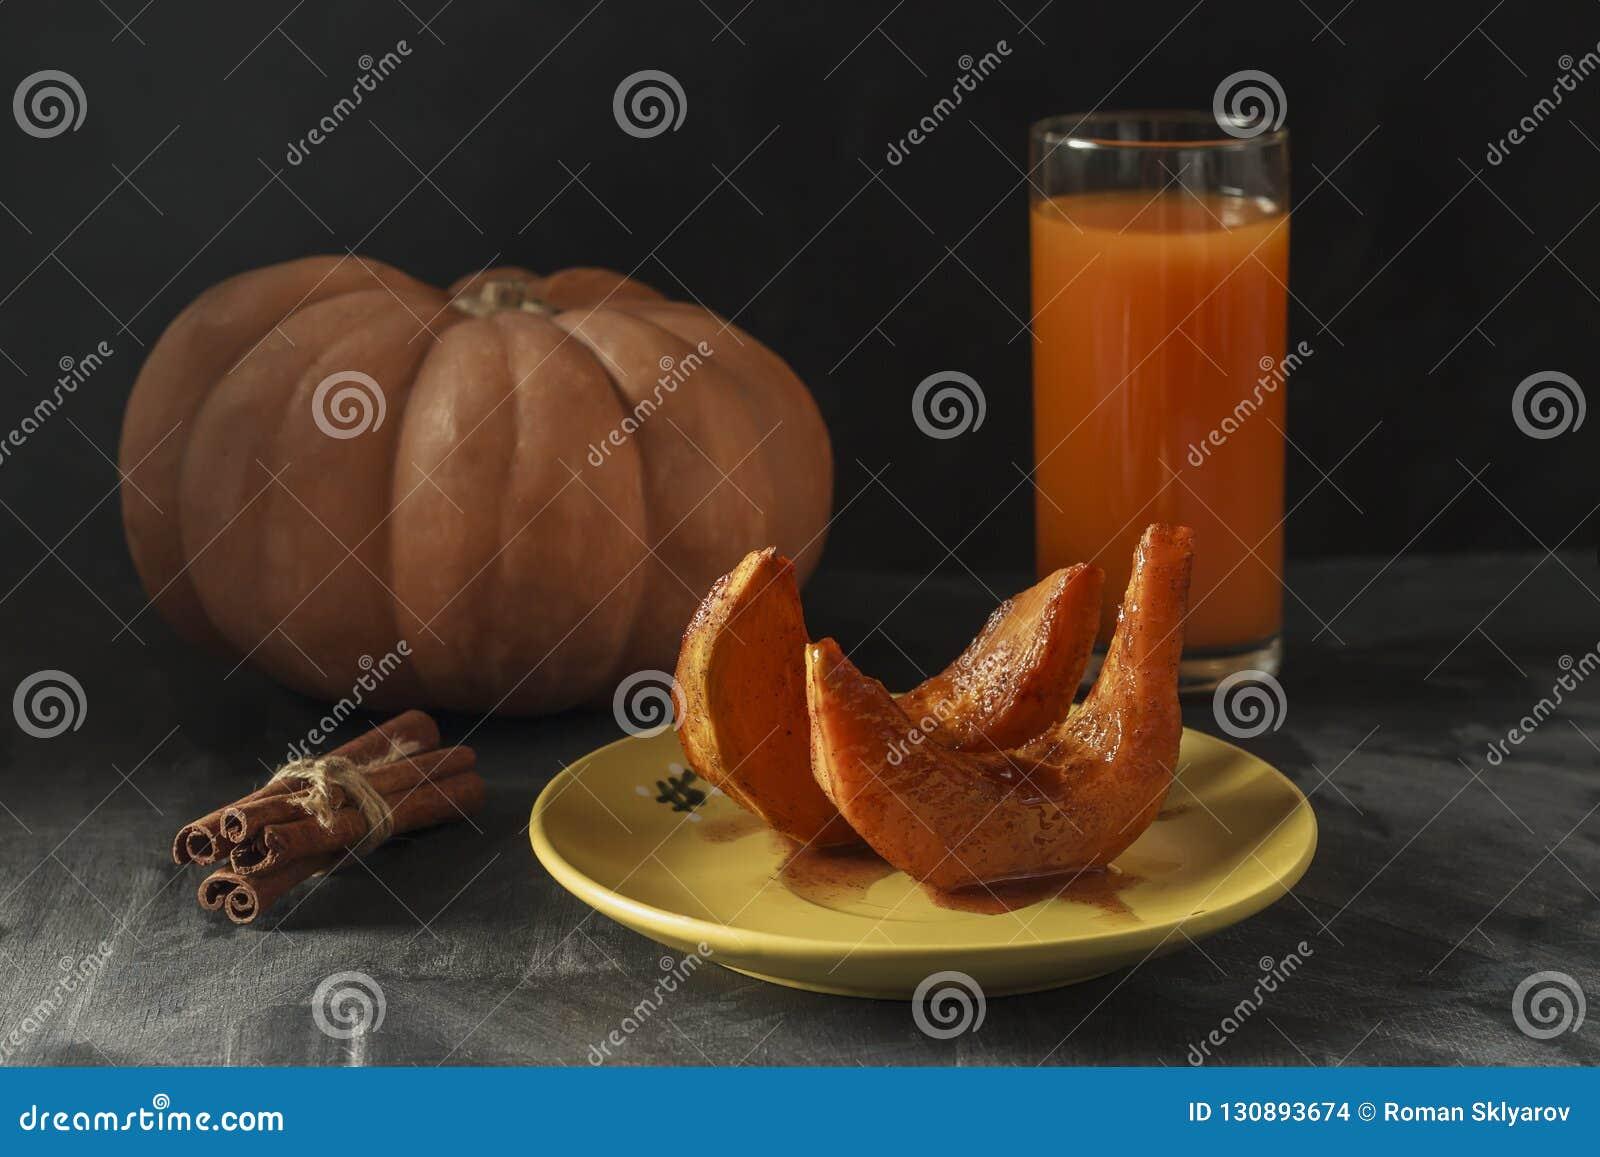 Calabaza cocida con los palillos de canela, la cuchara rústica y un vidrio de jugo